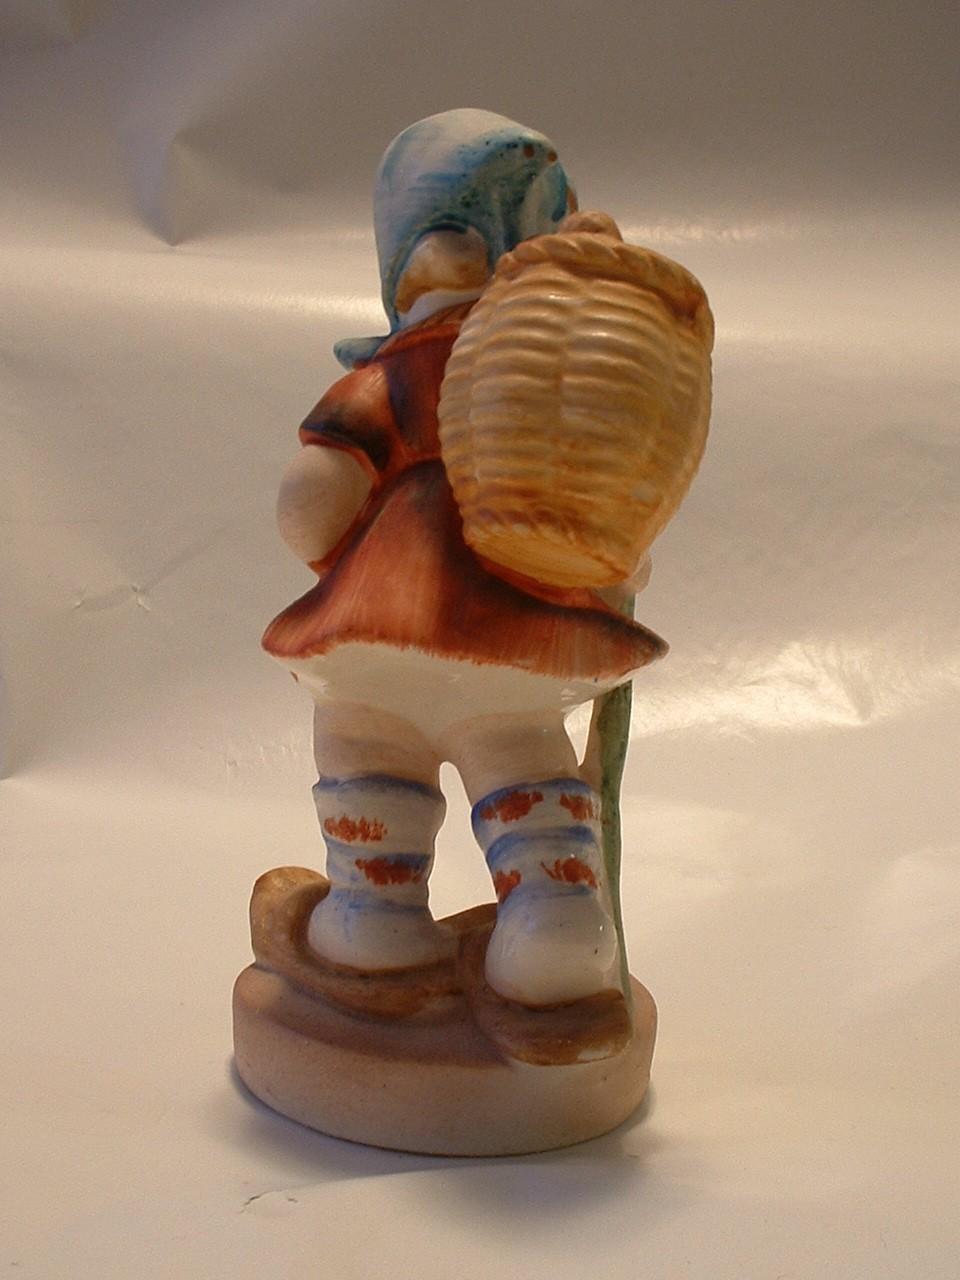 Vintage Porcelain Ceramic Figurine Child with Walking Stick and Pack Basket